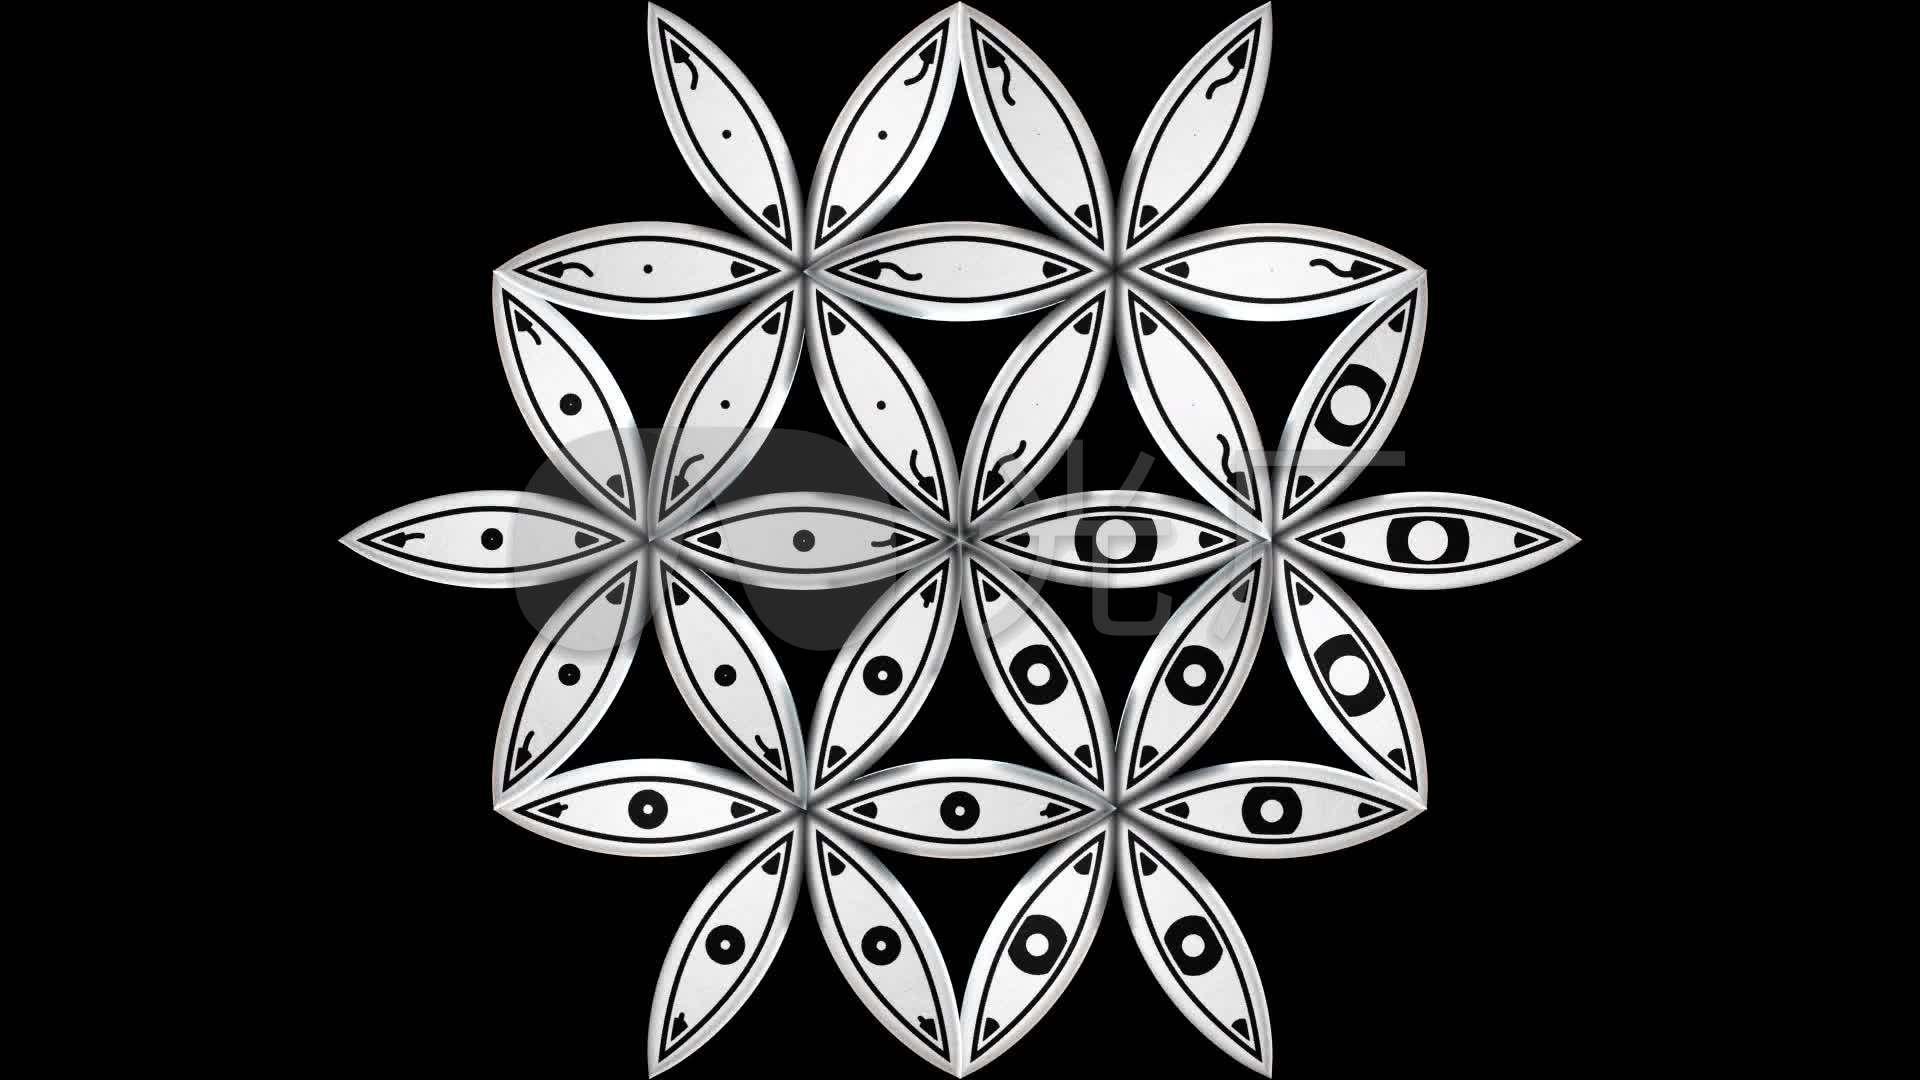 黑白曼陀罗图腾圆点圆圈动感_1920x1080_高清视频素材